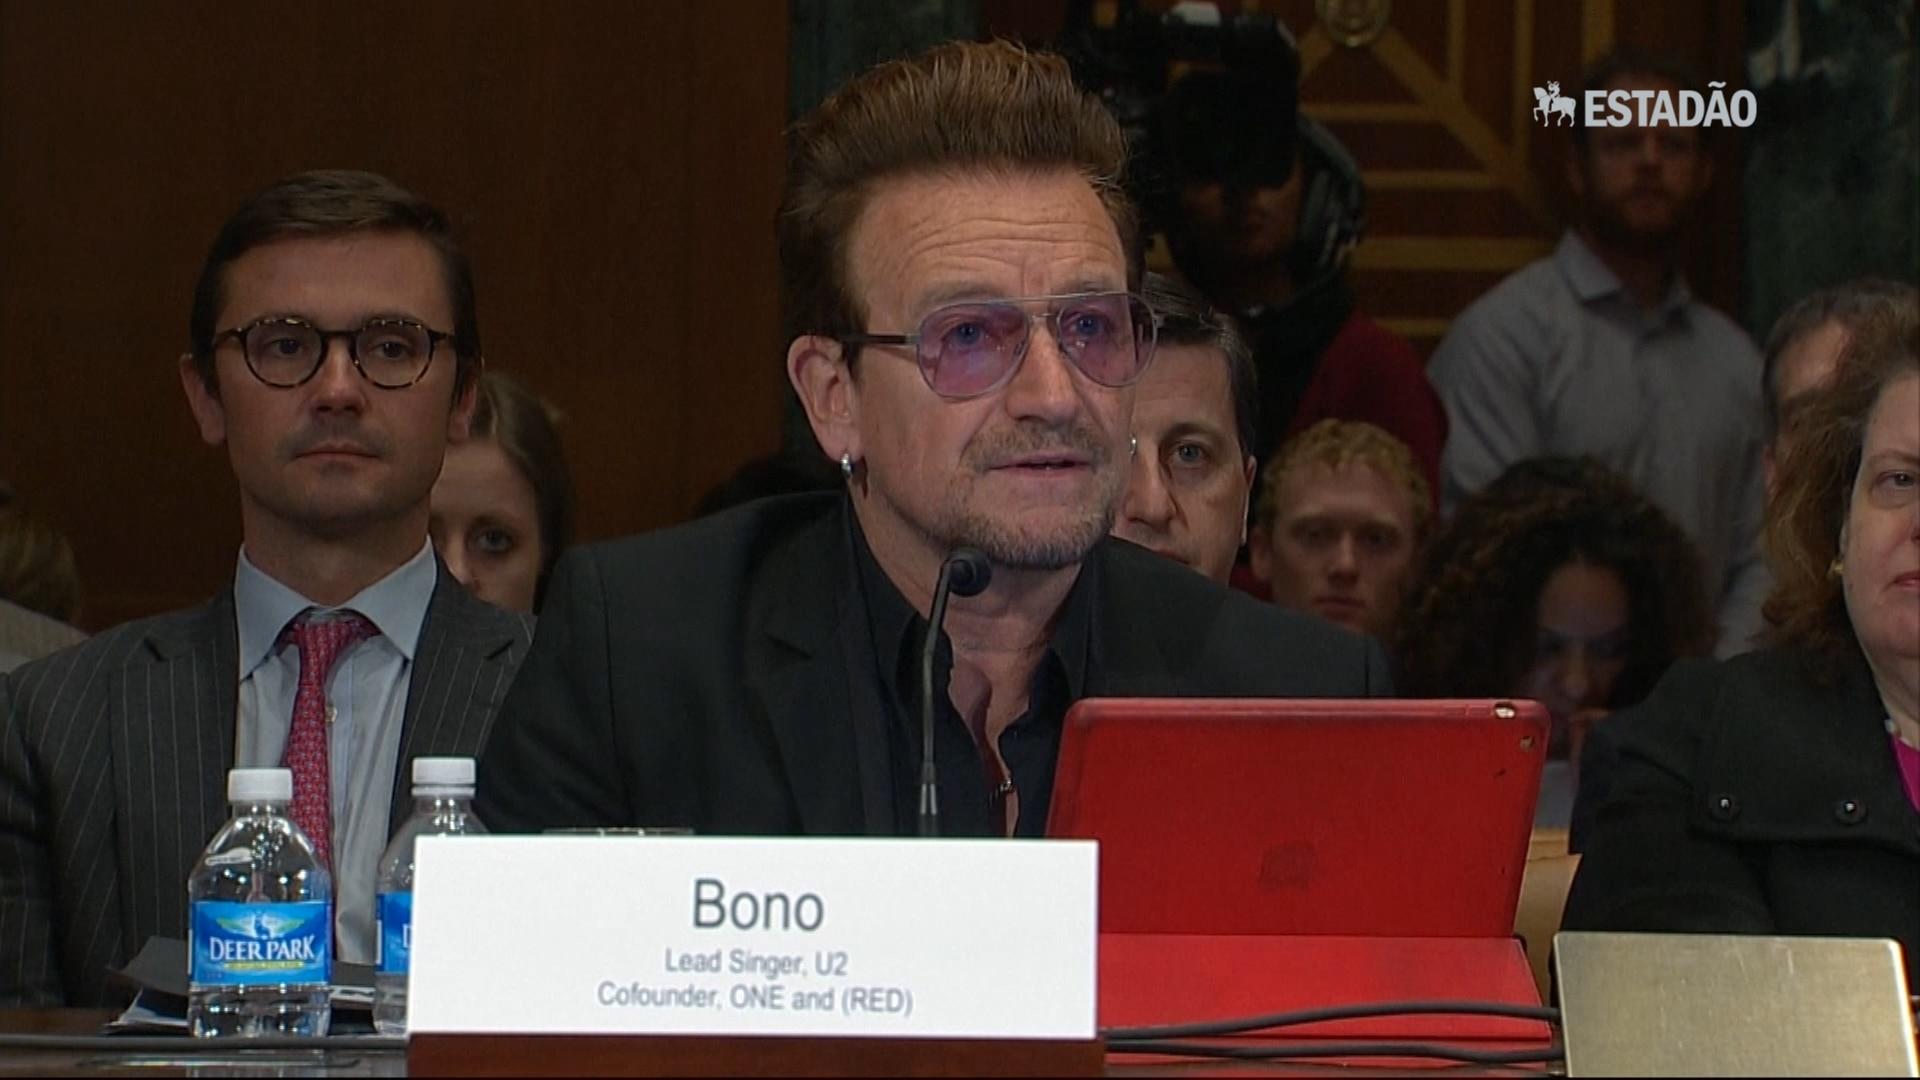 Em discurso nos EUA, Bono fala sobre combate ao extremismo violento